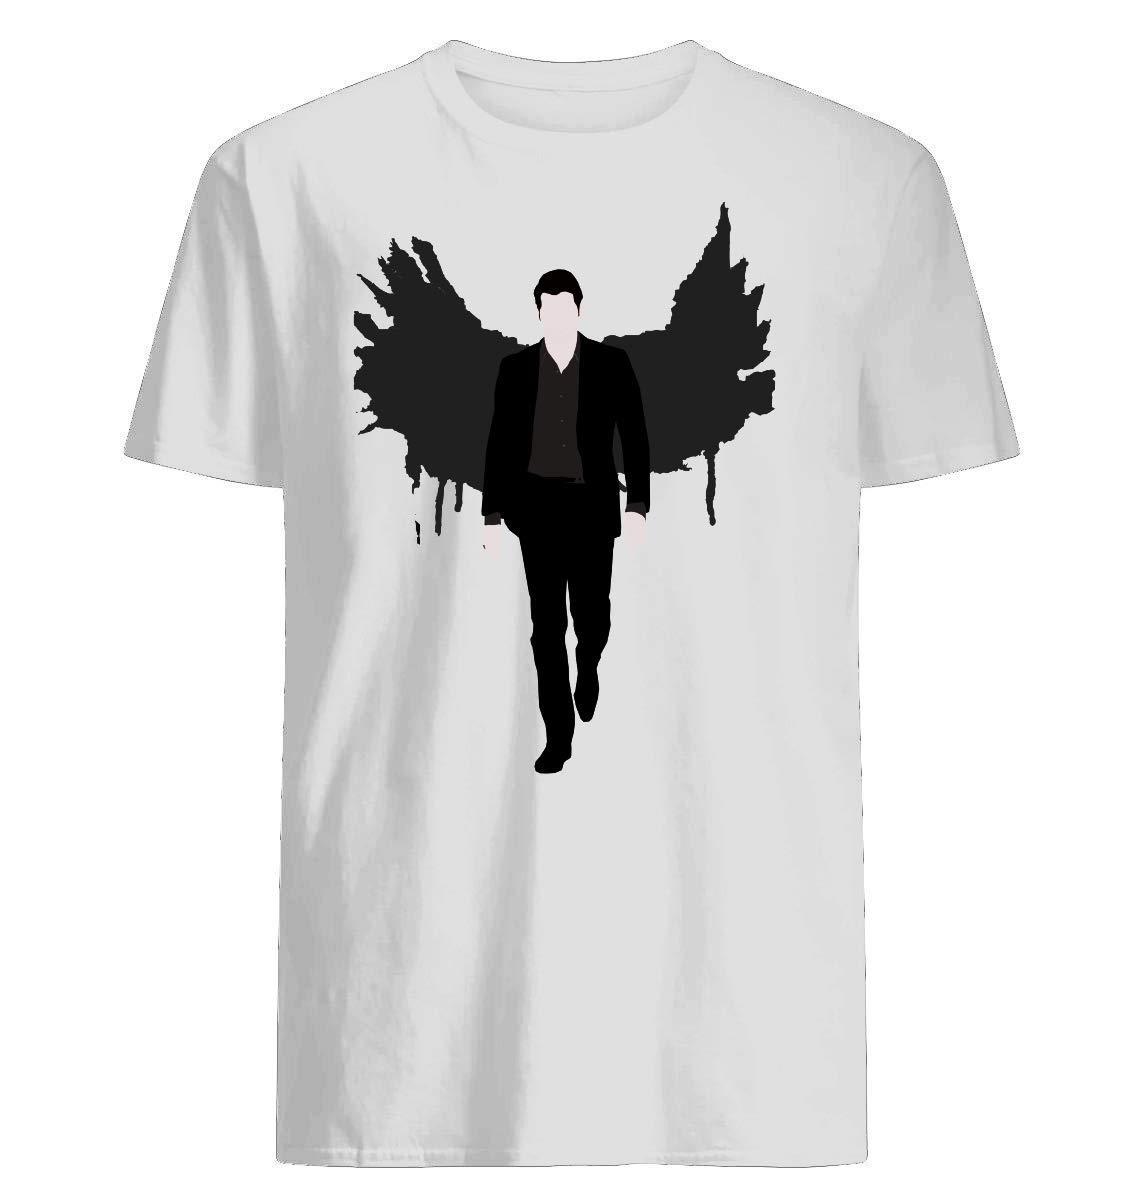 Lucifer Morningstar Tshirts For Girl Cute